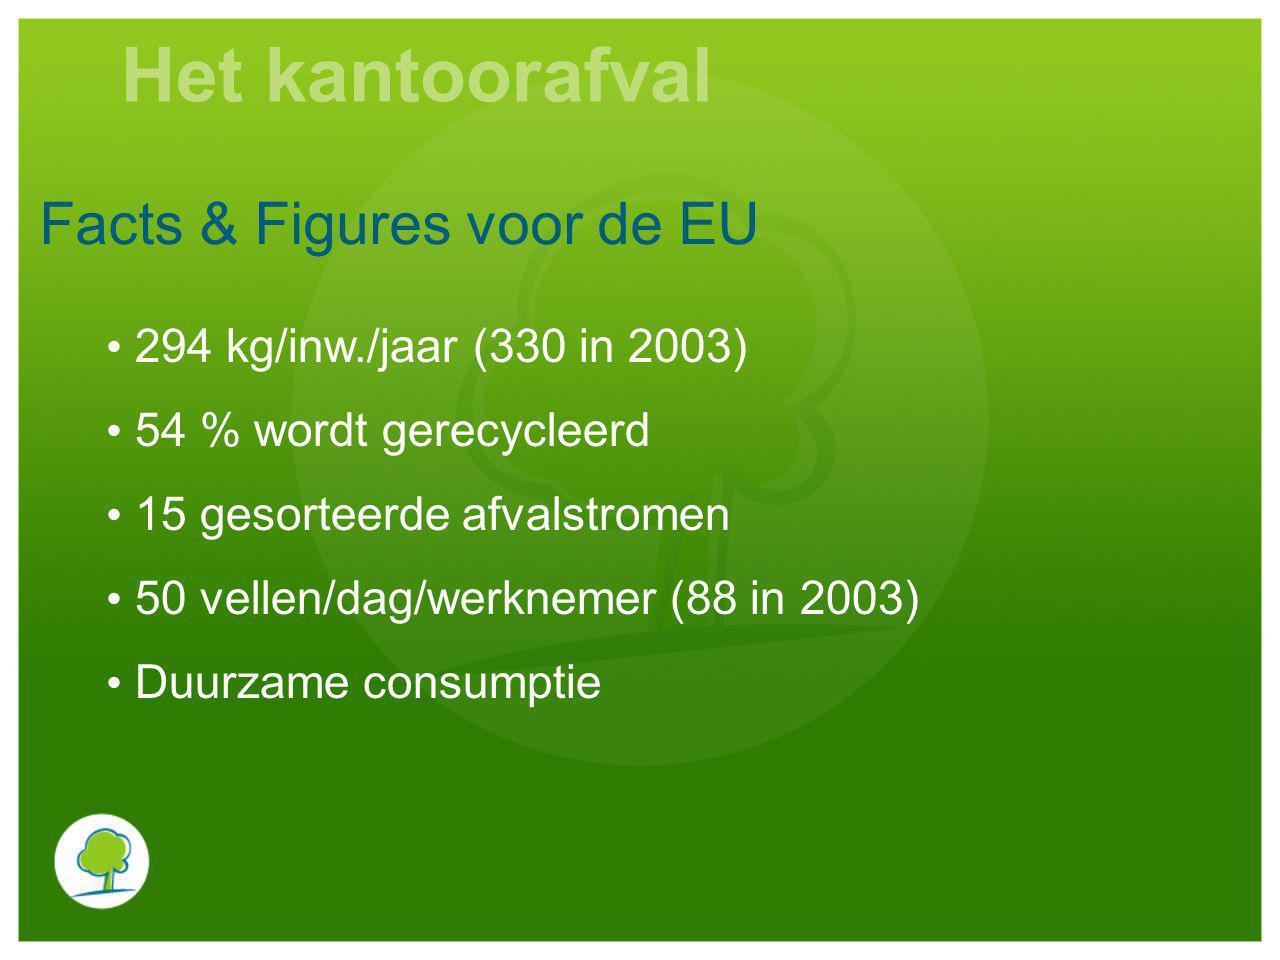 Het kantoorafval Facts & Figures voor de EU